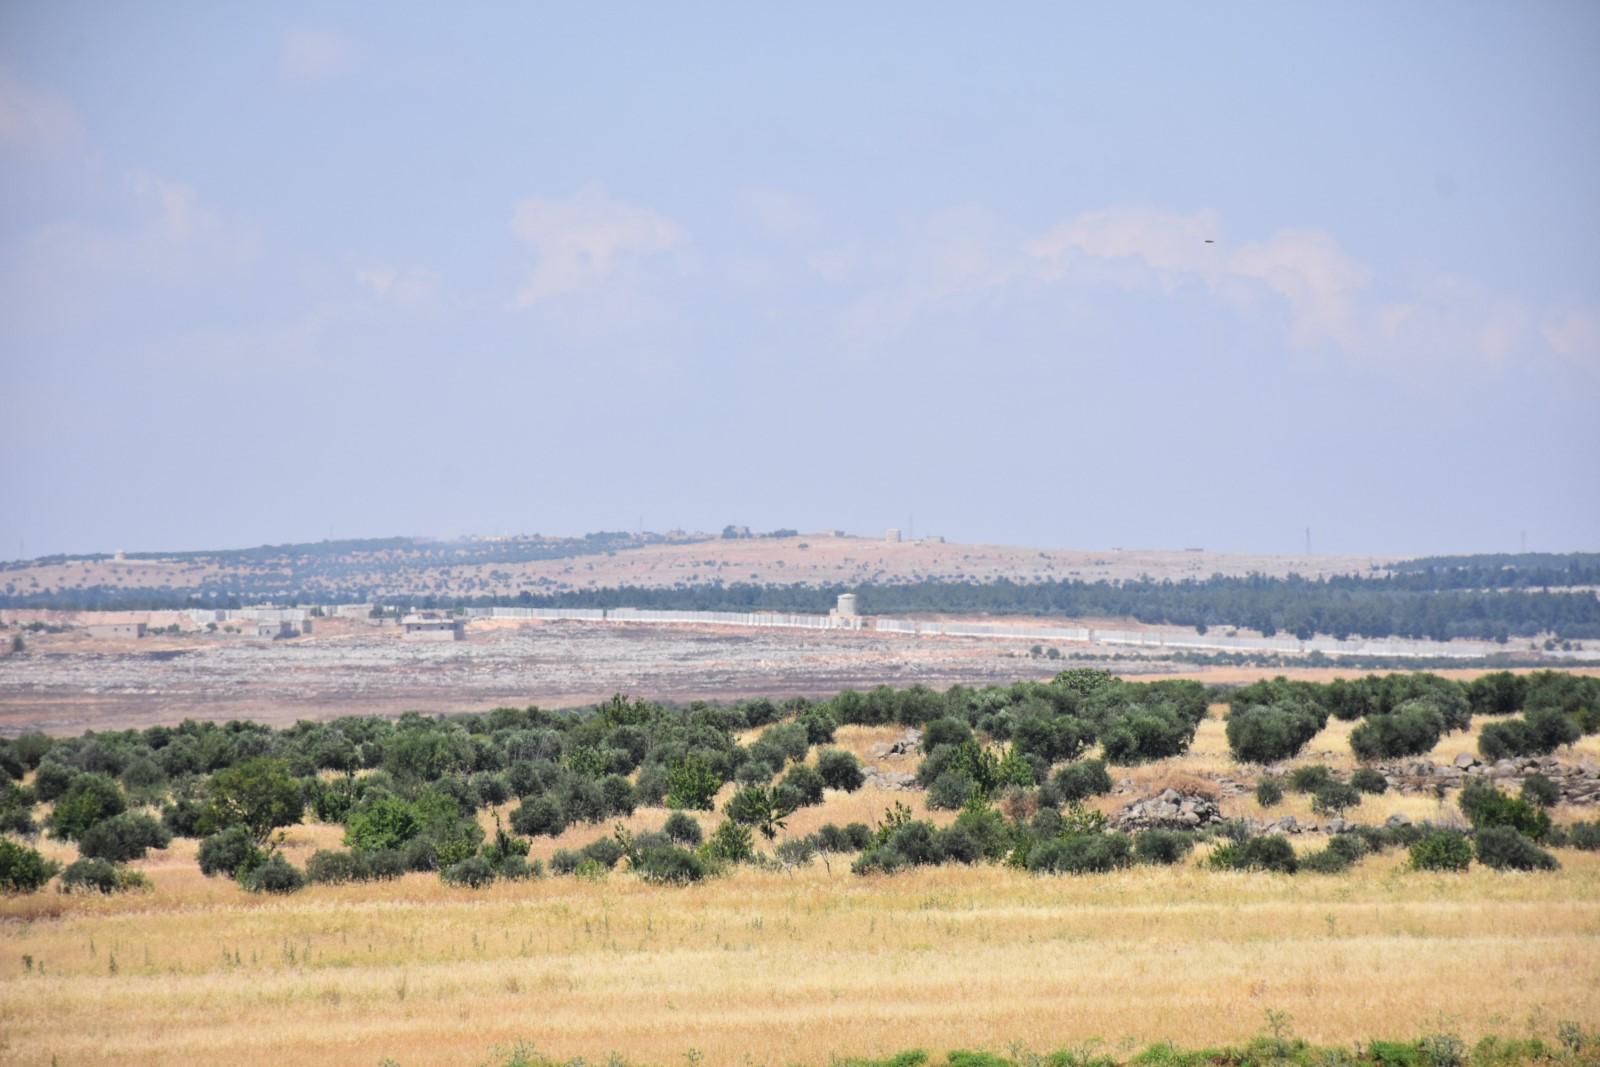 مواطنون يرفضون بناء الجدار ويؤكدون أنهم سيواجهون الاحتلال